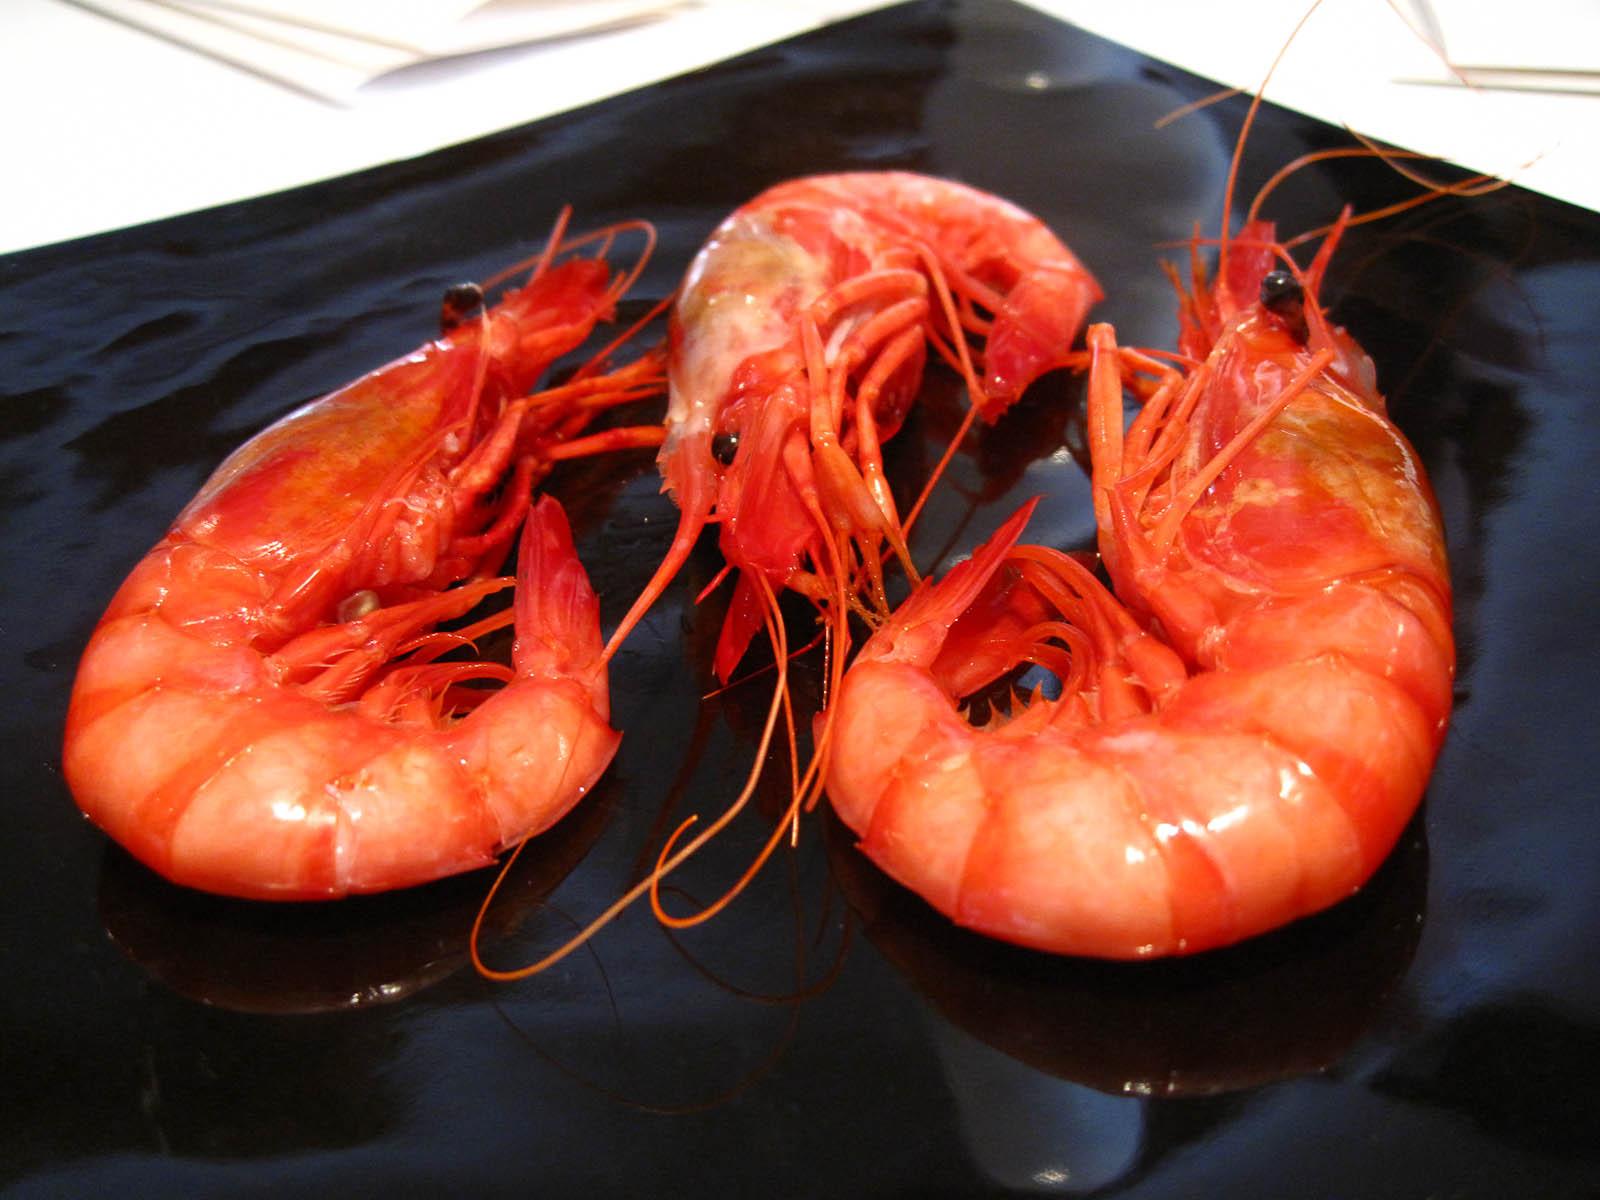 9th Course: Denia shrimp